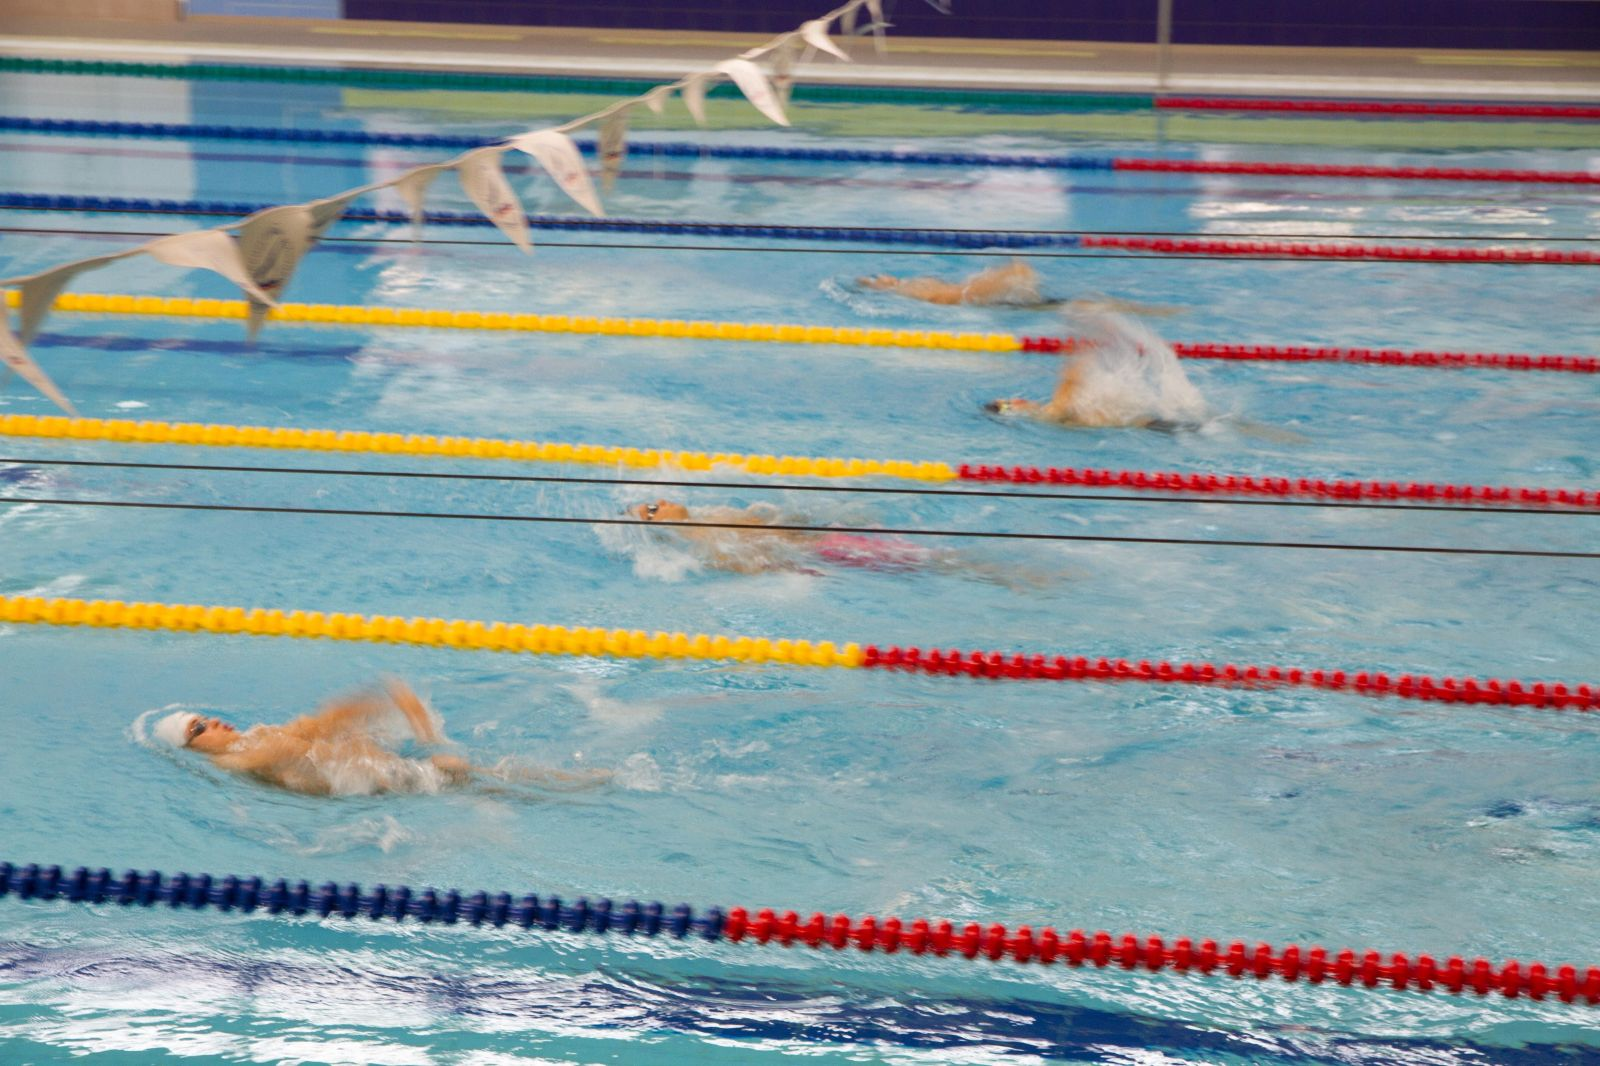 Спортсмены из 35 регионов страны поведут борьбу за медали первенства России по плаванию спорта лиц с ПОДА в г. Дзержинске